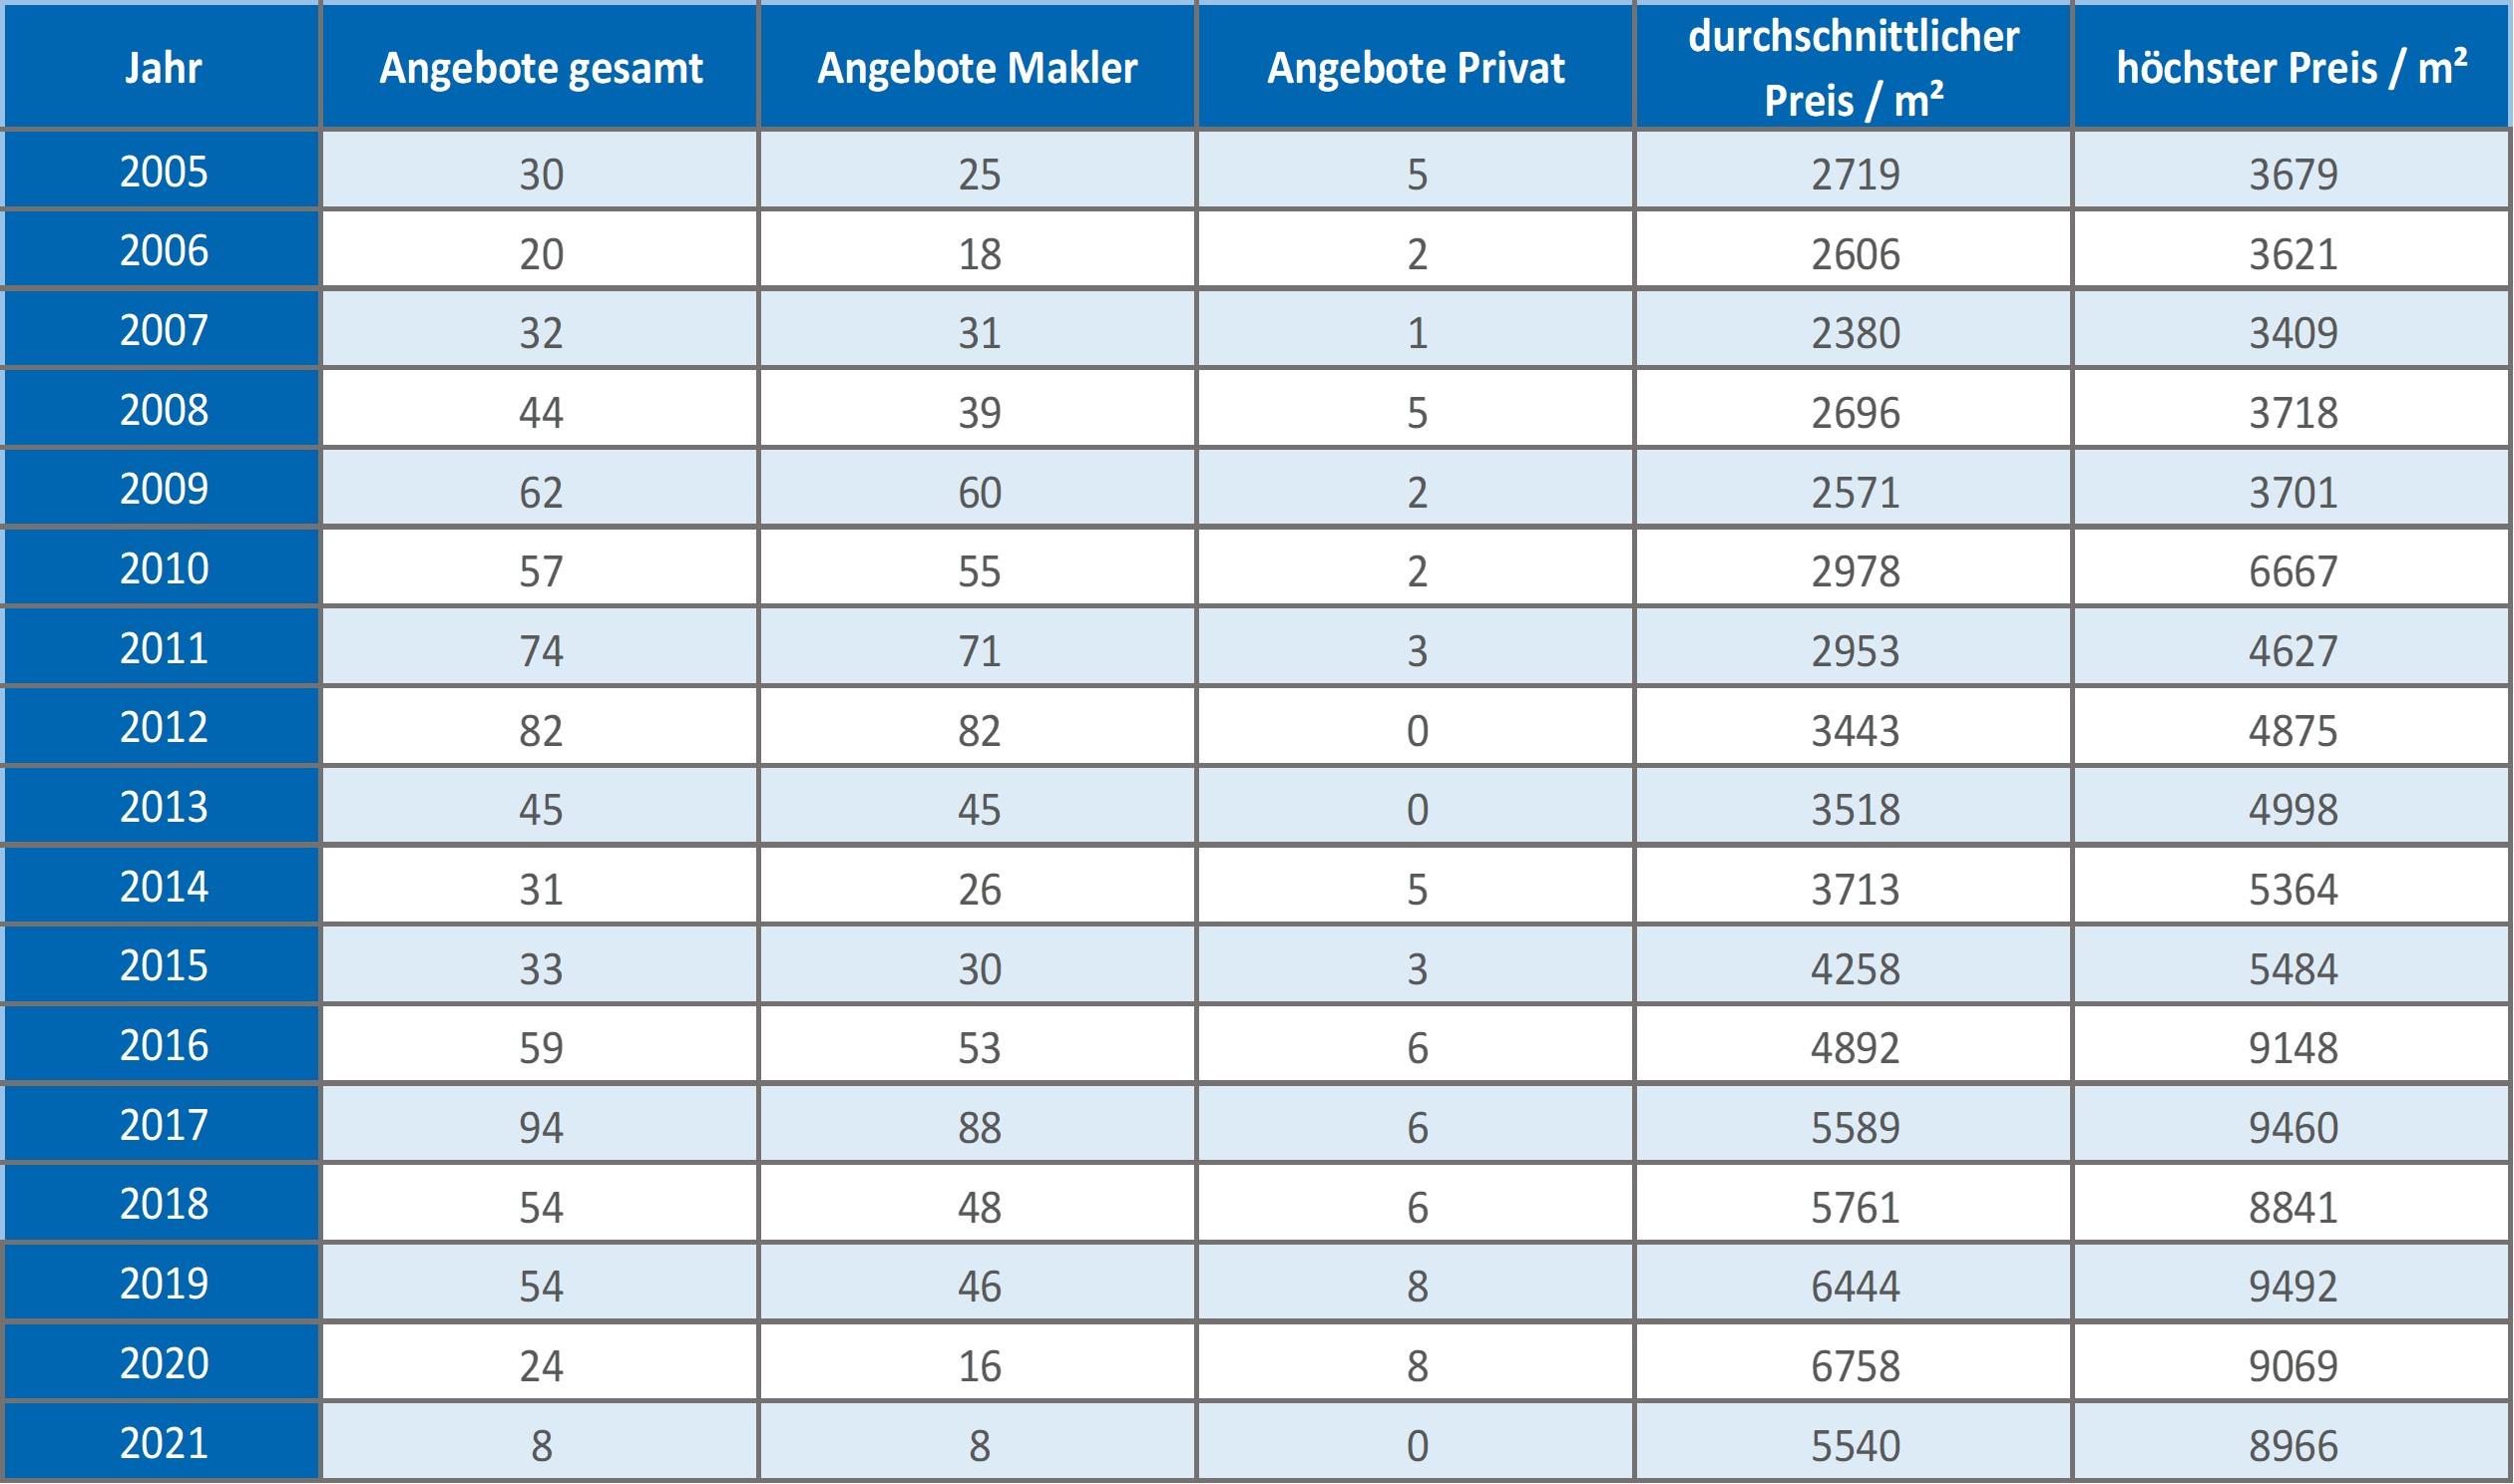 Aying-Haus-kaufen-verkaufen-Makler 2019, 2020, 2021